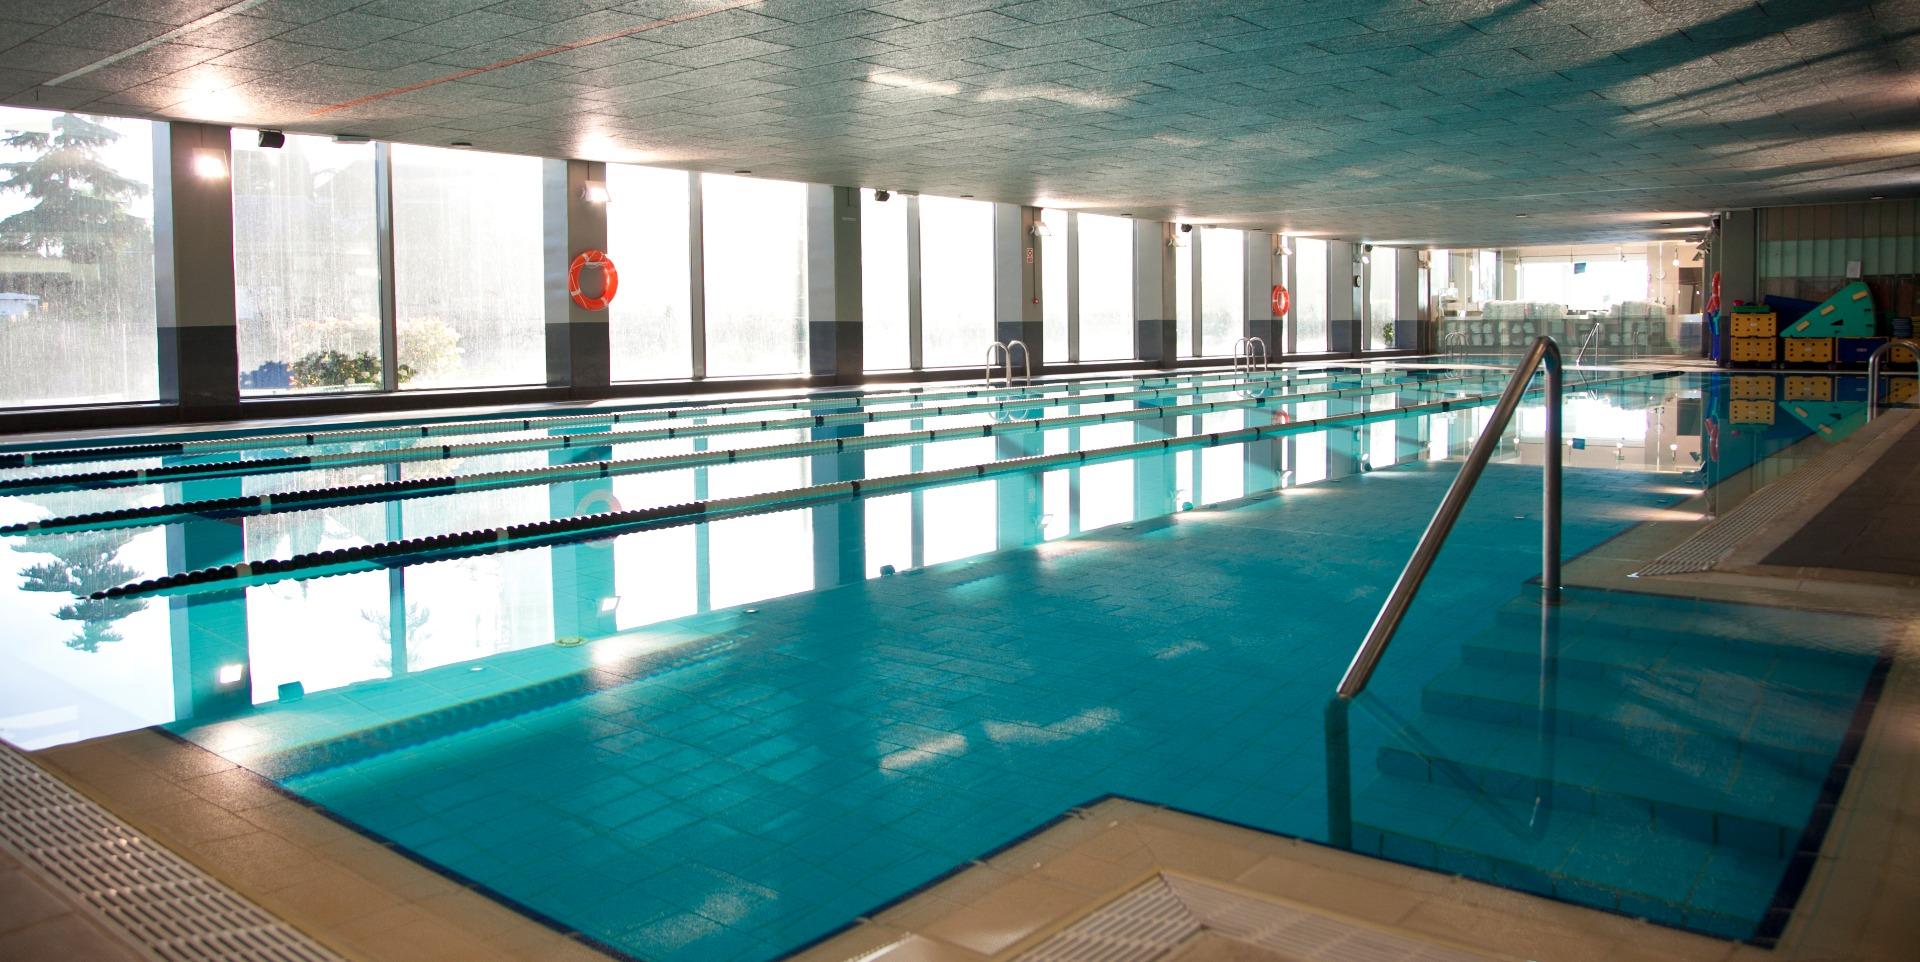 Oferta gimnasio o2 centro wellness sexta avenida pozuelo for Piscinas publicas valencia